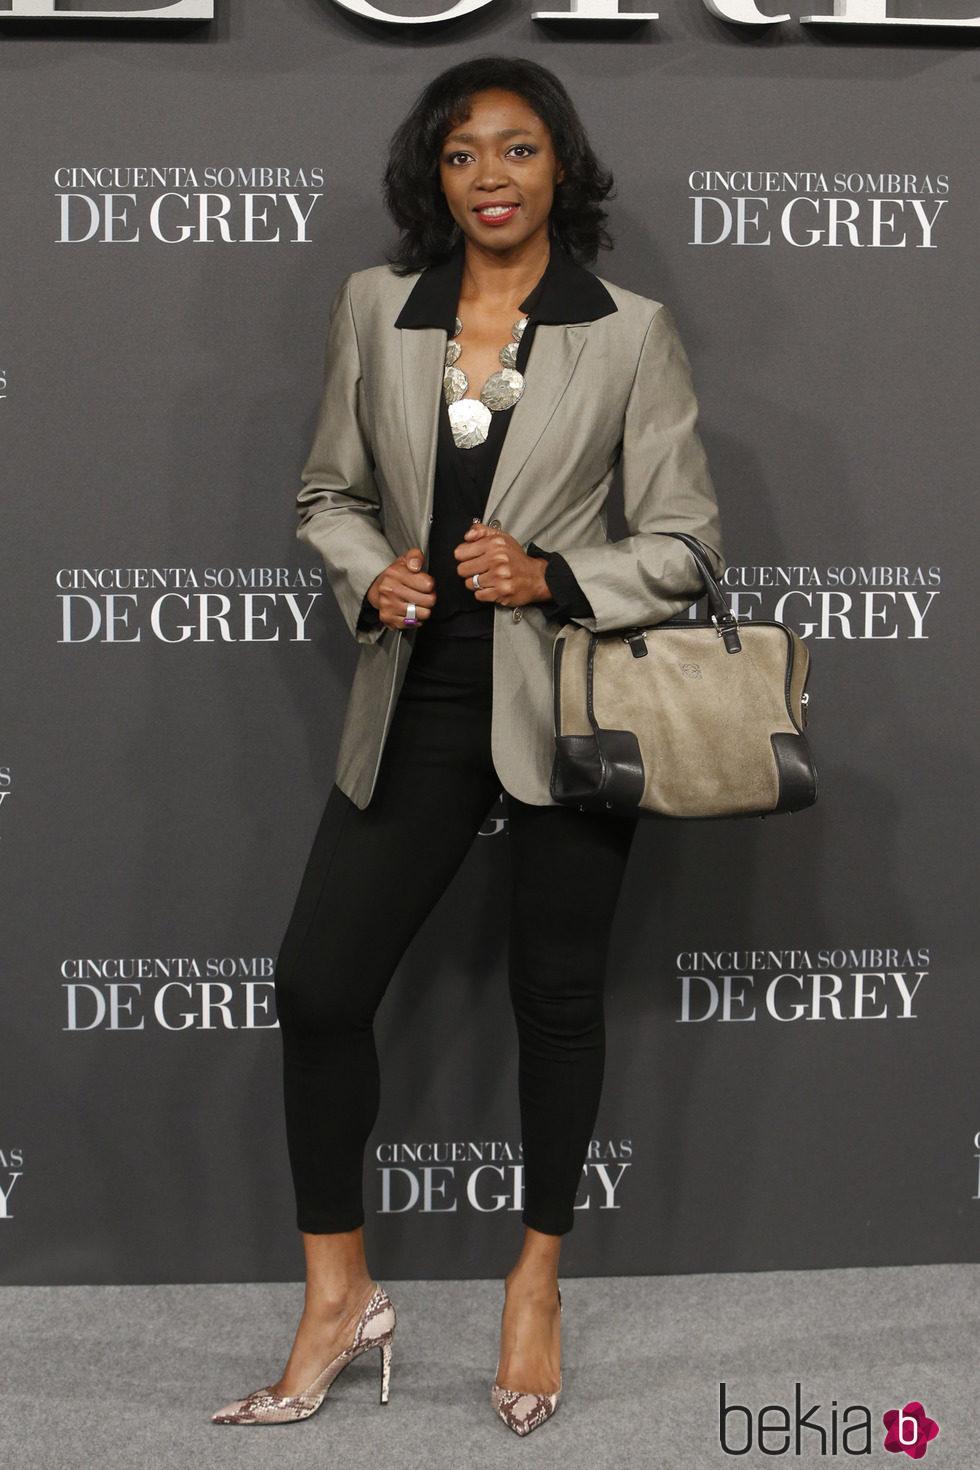 Francine Gálvez en el estreno de 'Cincuenta sombras de Grey' en Madrid